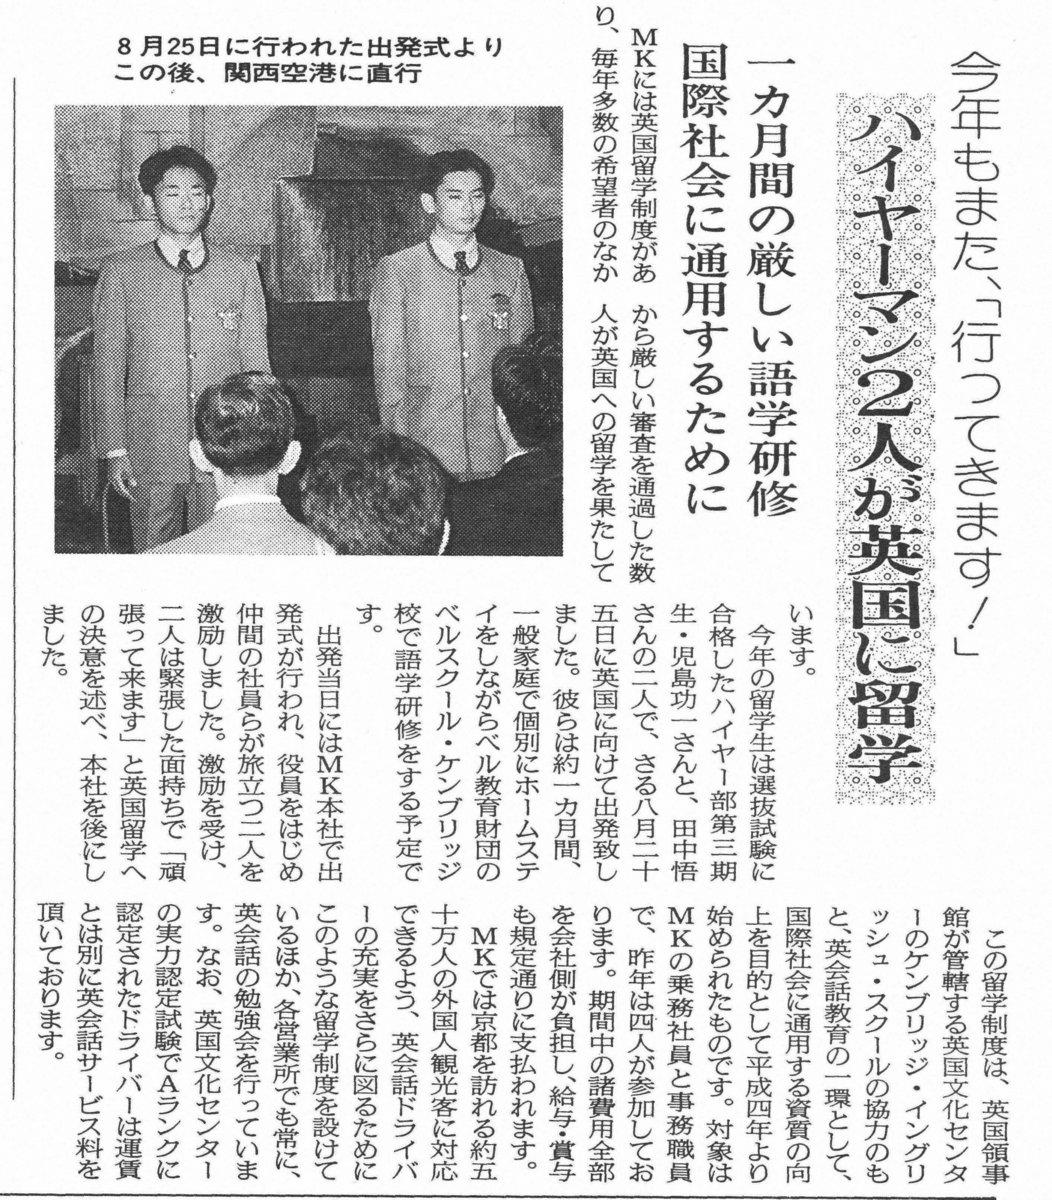 MK新聞1996年9月16日号より